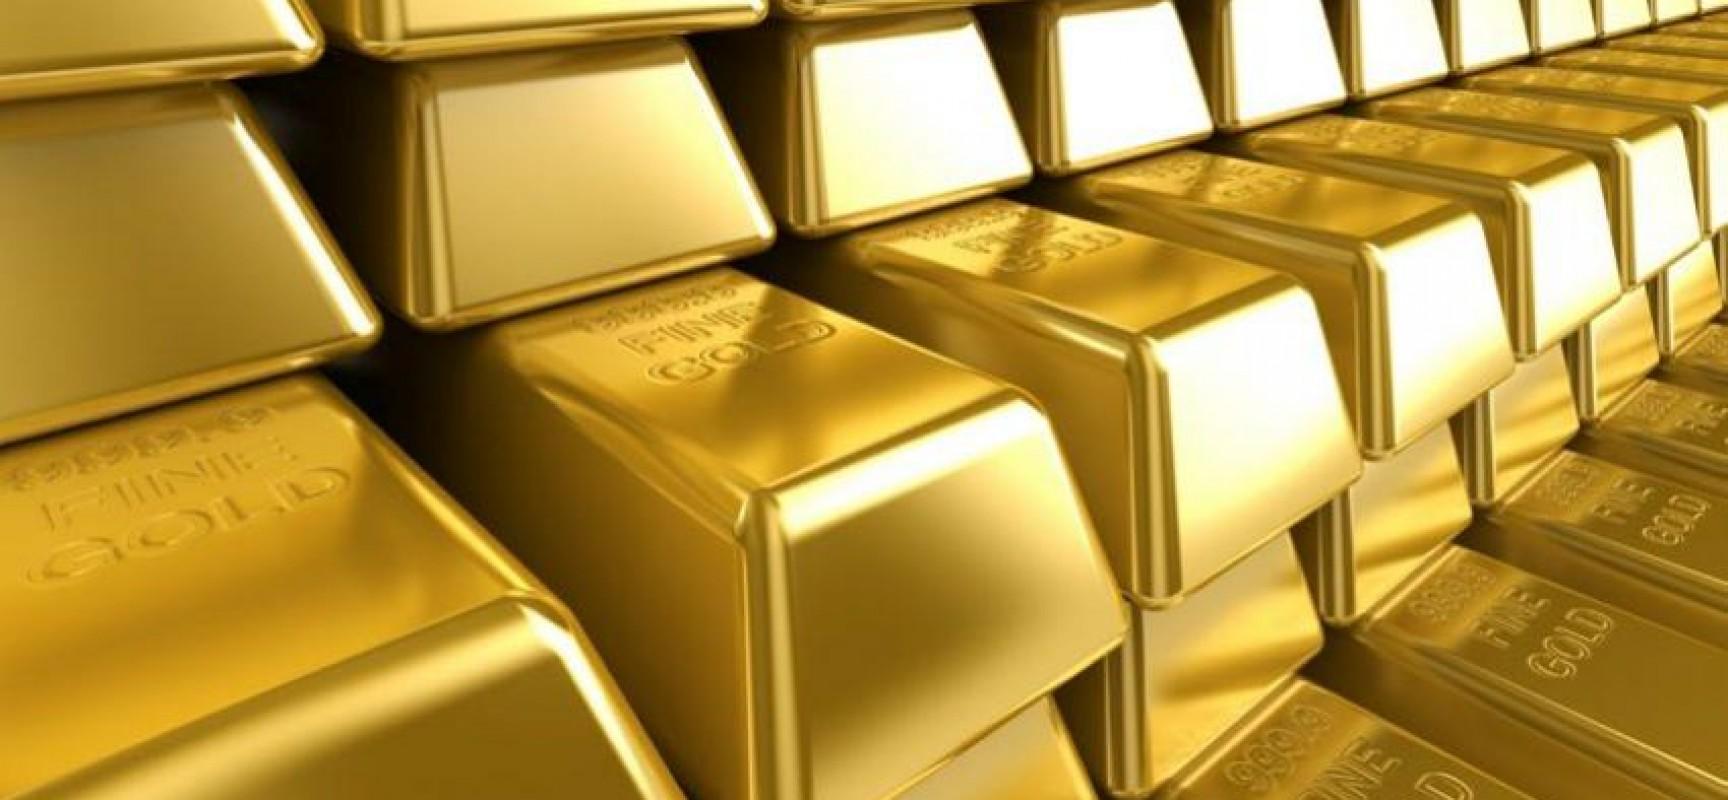 Cours de l'or : je vous conseille de vendre vos lingots dès maintenant !